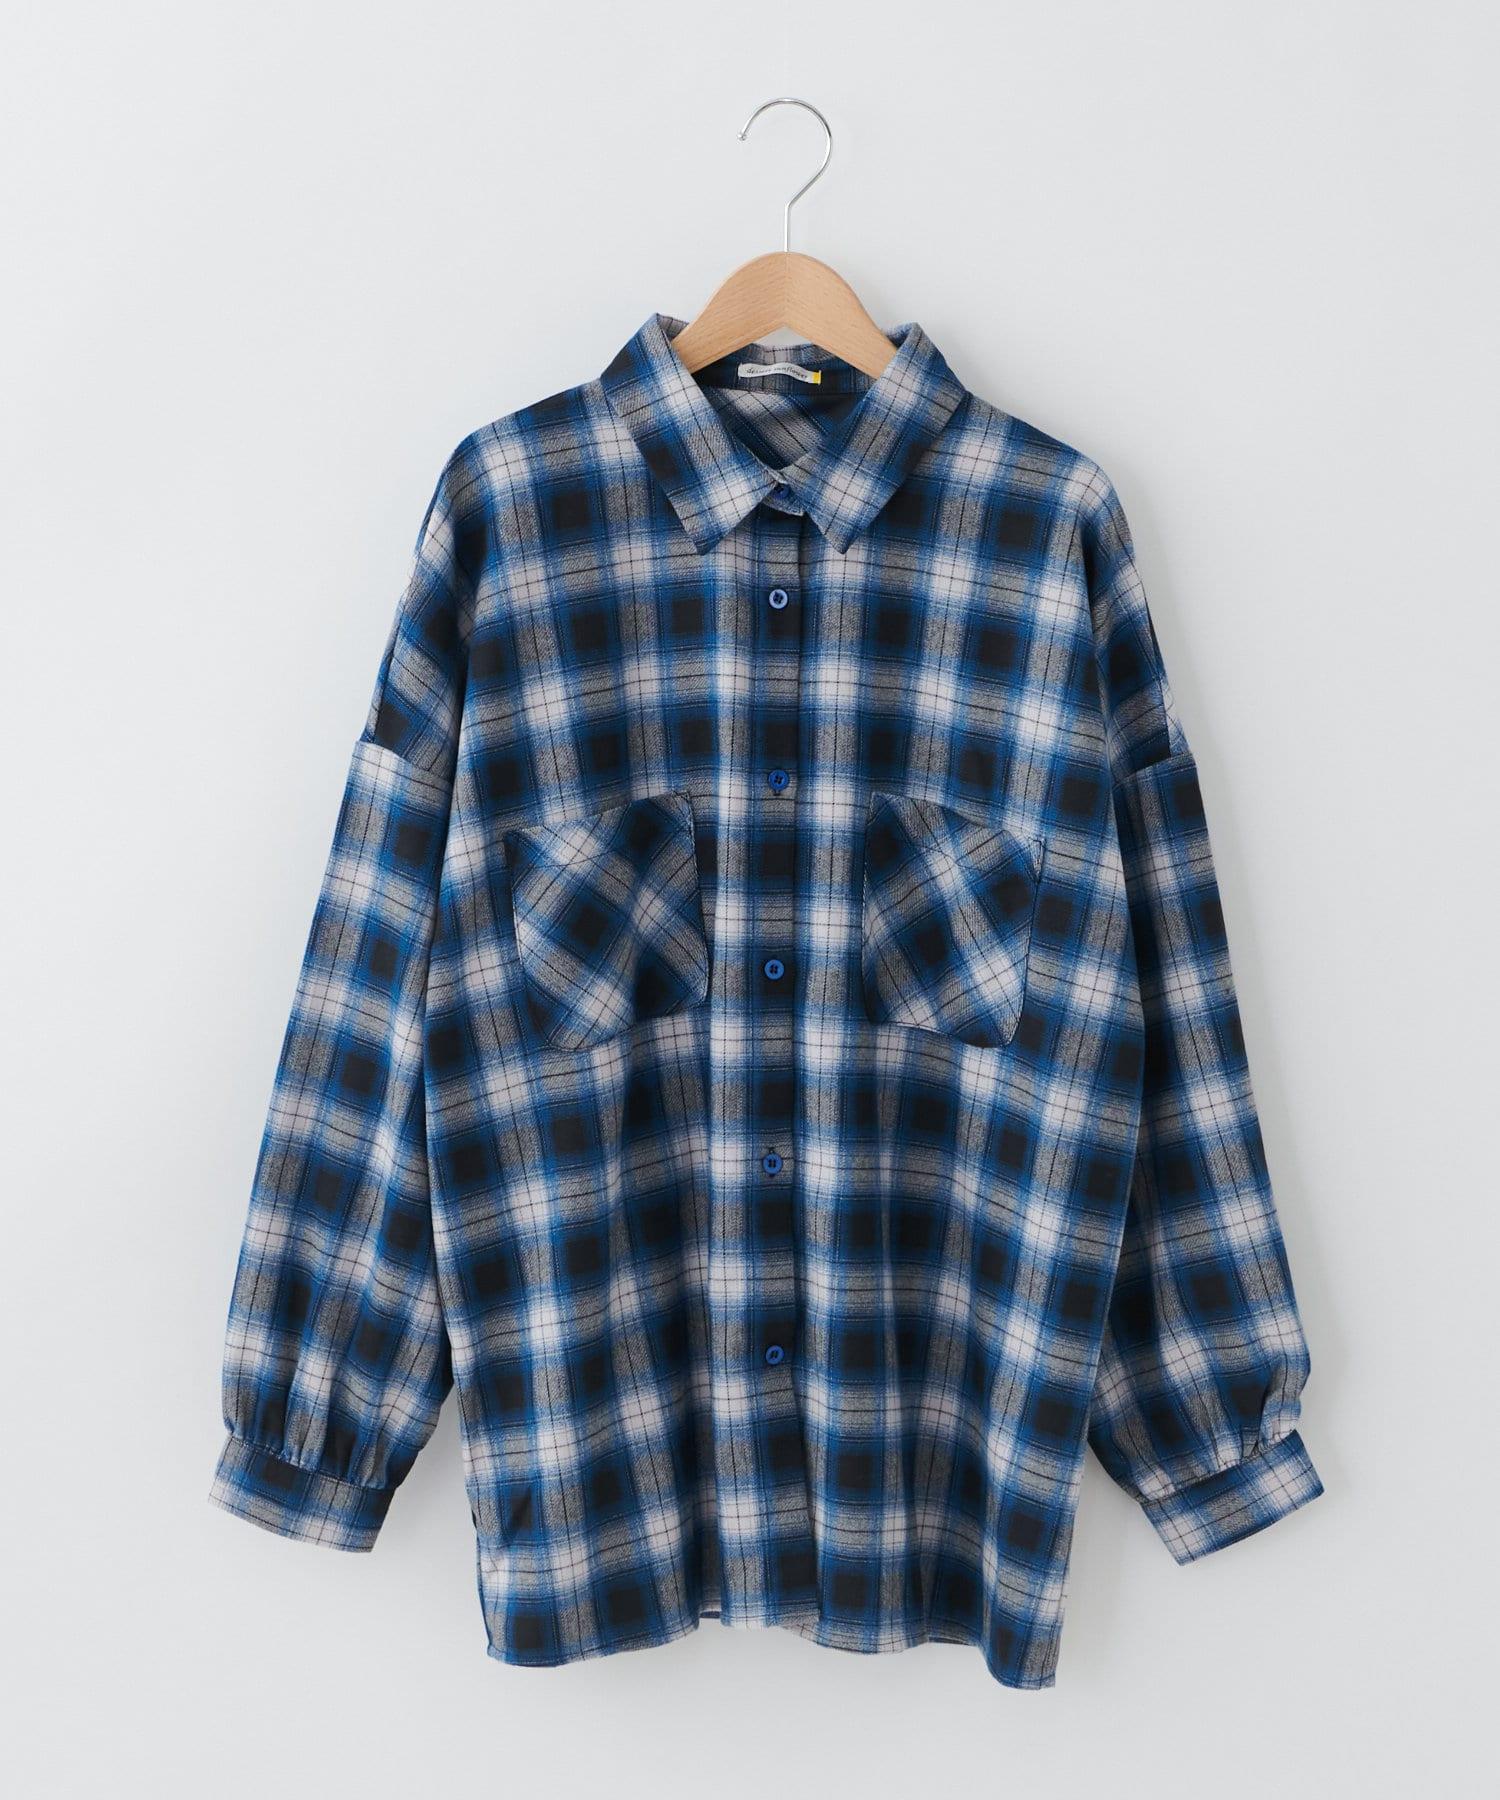 OLIVE des OLIVE OUTLET(オリーブ・デ・オリーブ アウトレット) 【dsf】Plaid big shirt